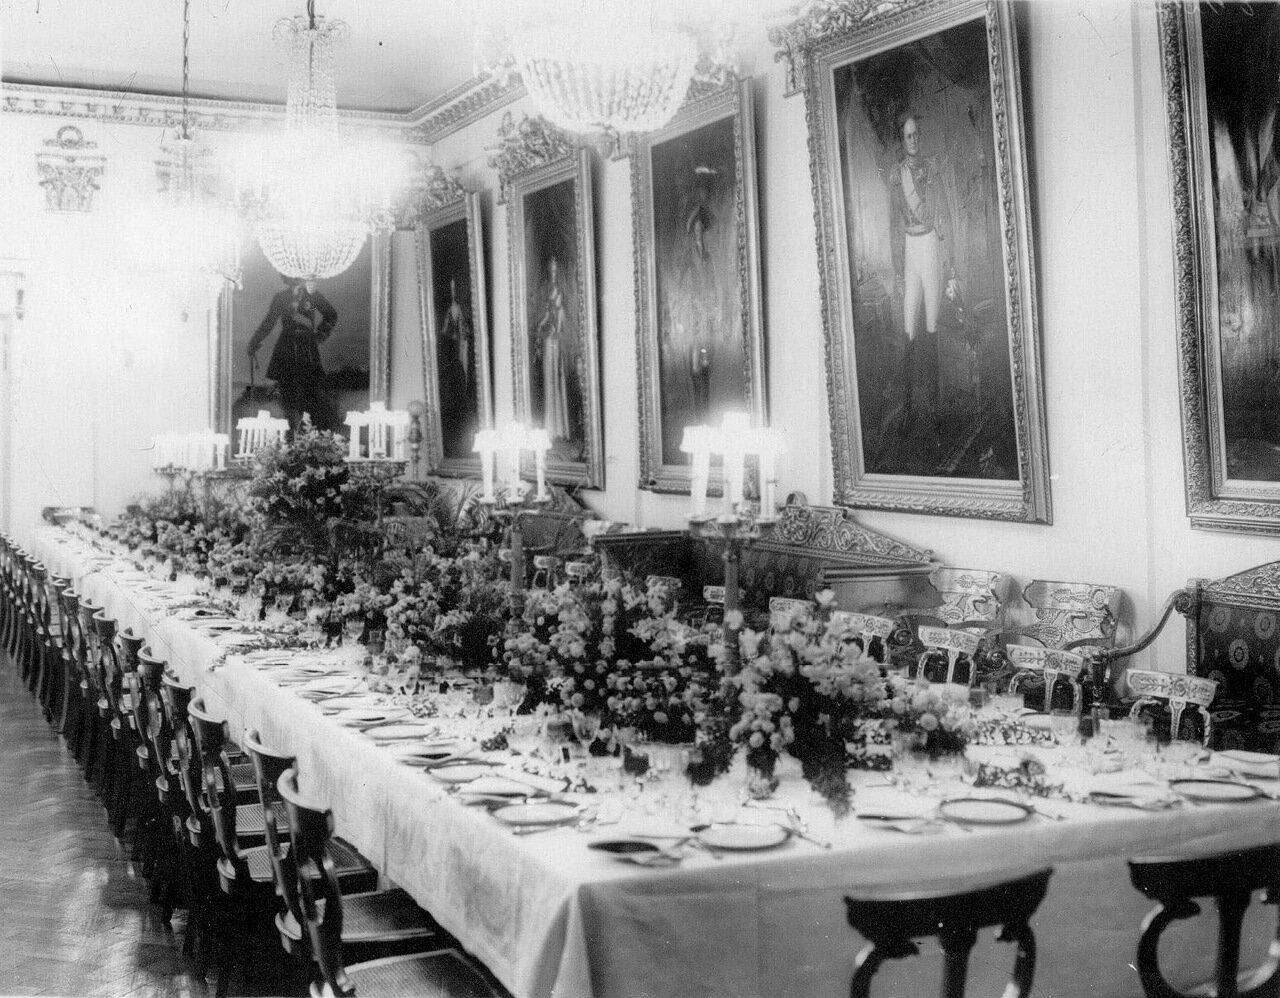 Квартира министра внутренних дел П.А.Столыпина (наб.р.Фонтанки, 16). Парадно сервированный стол в столовой